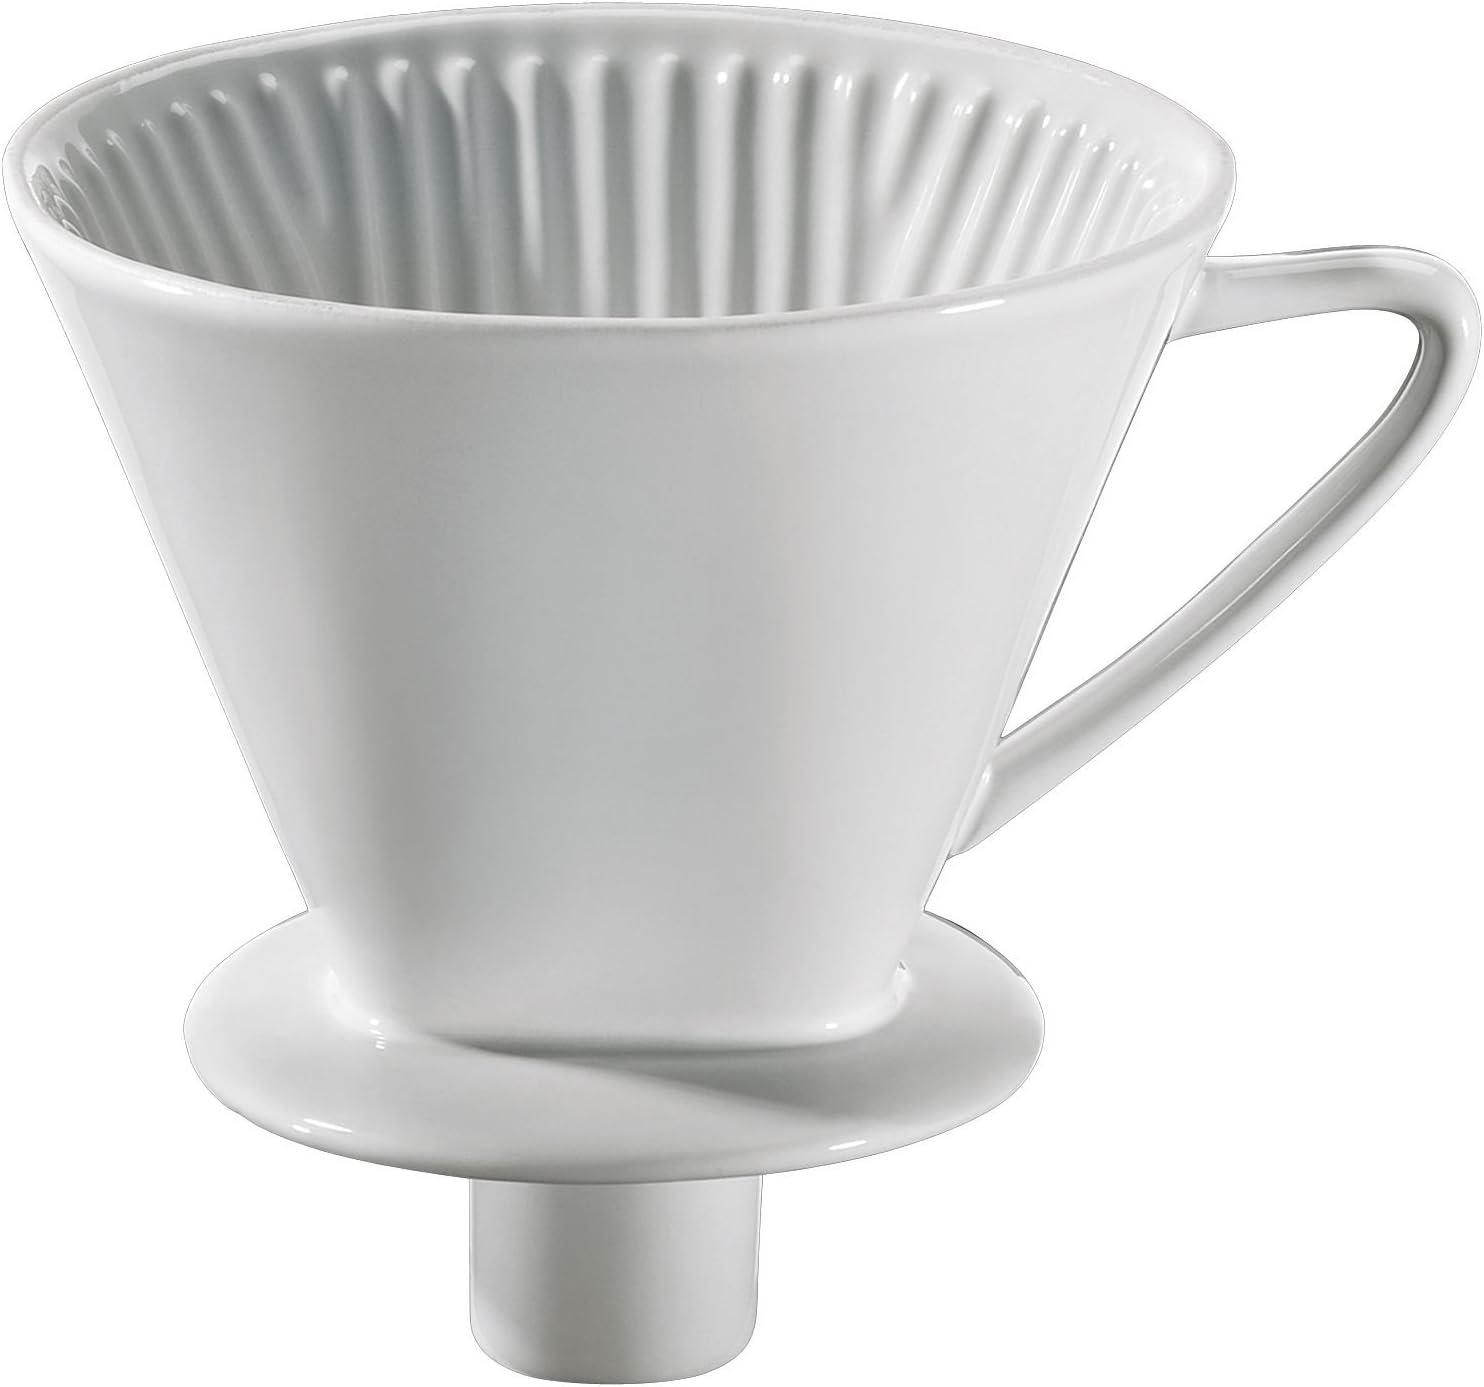 Porzellan Kaffeefilter NEU Größe Nr 1  Farbe weiß Kaffeebereiter Dauerfilter